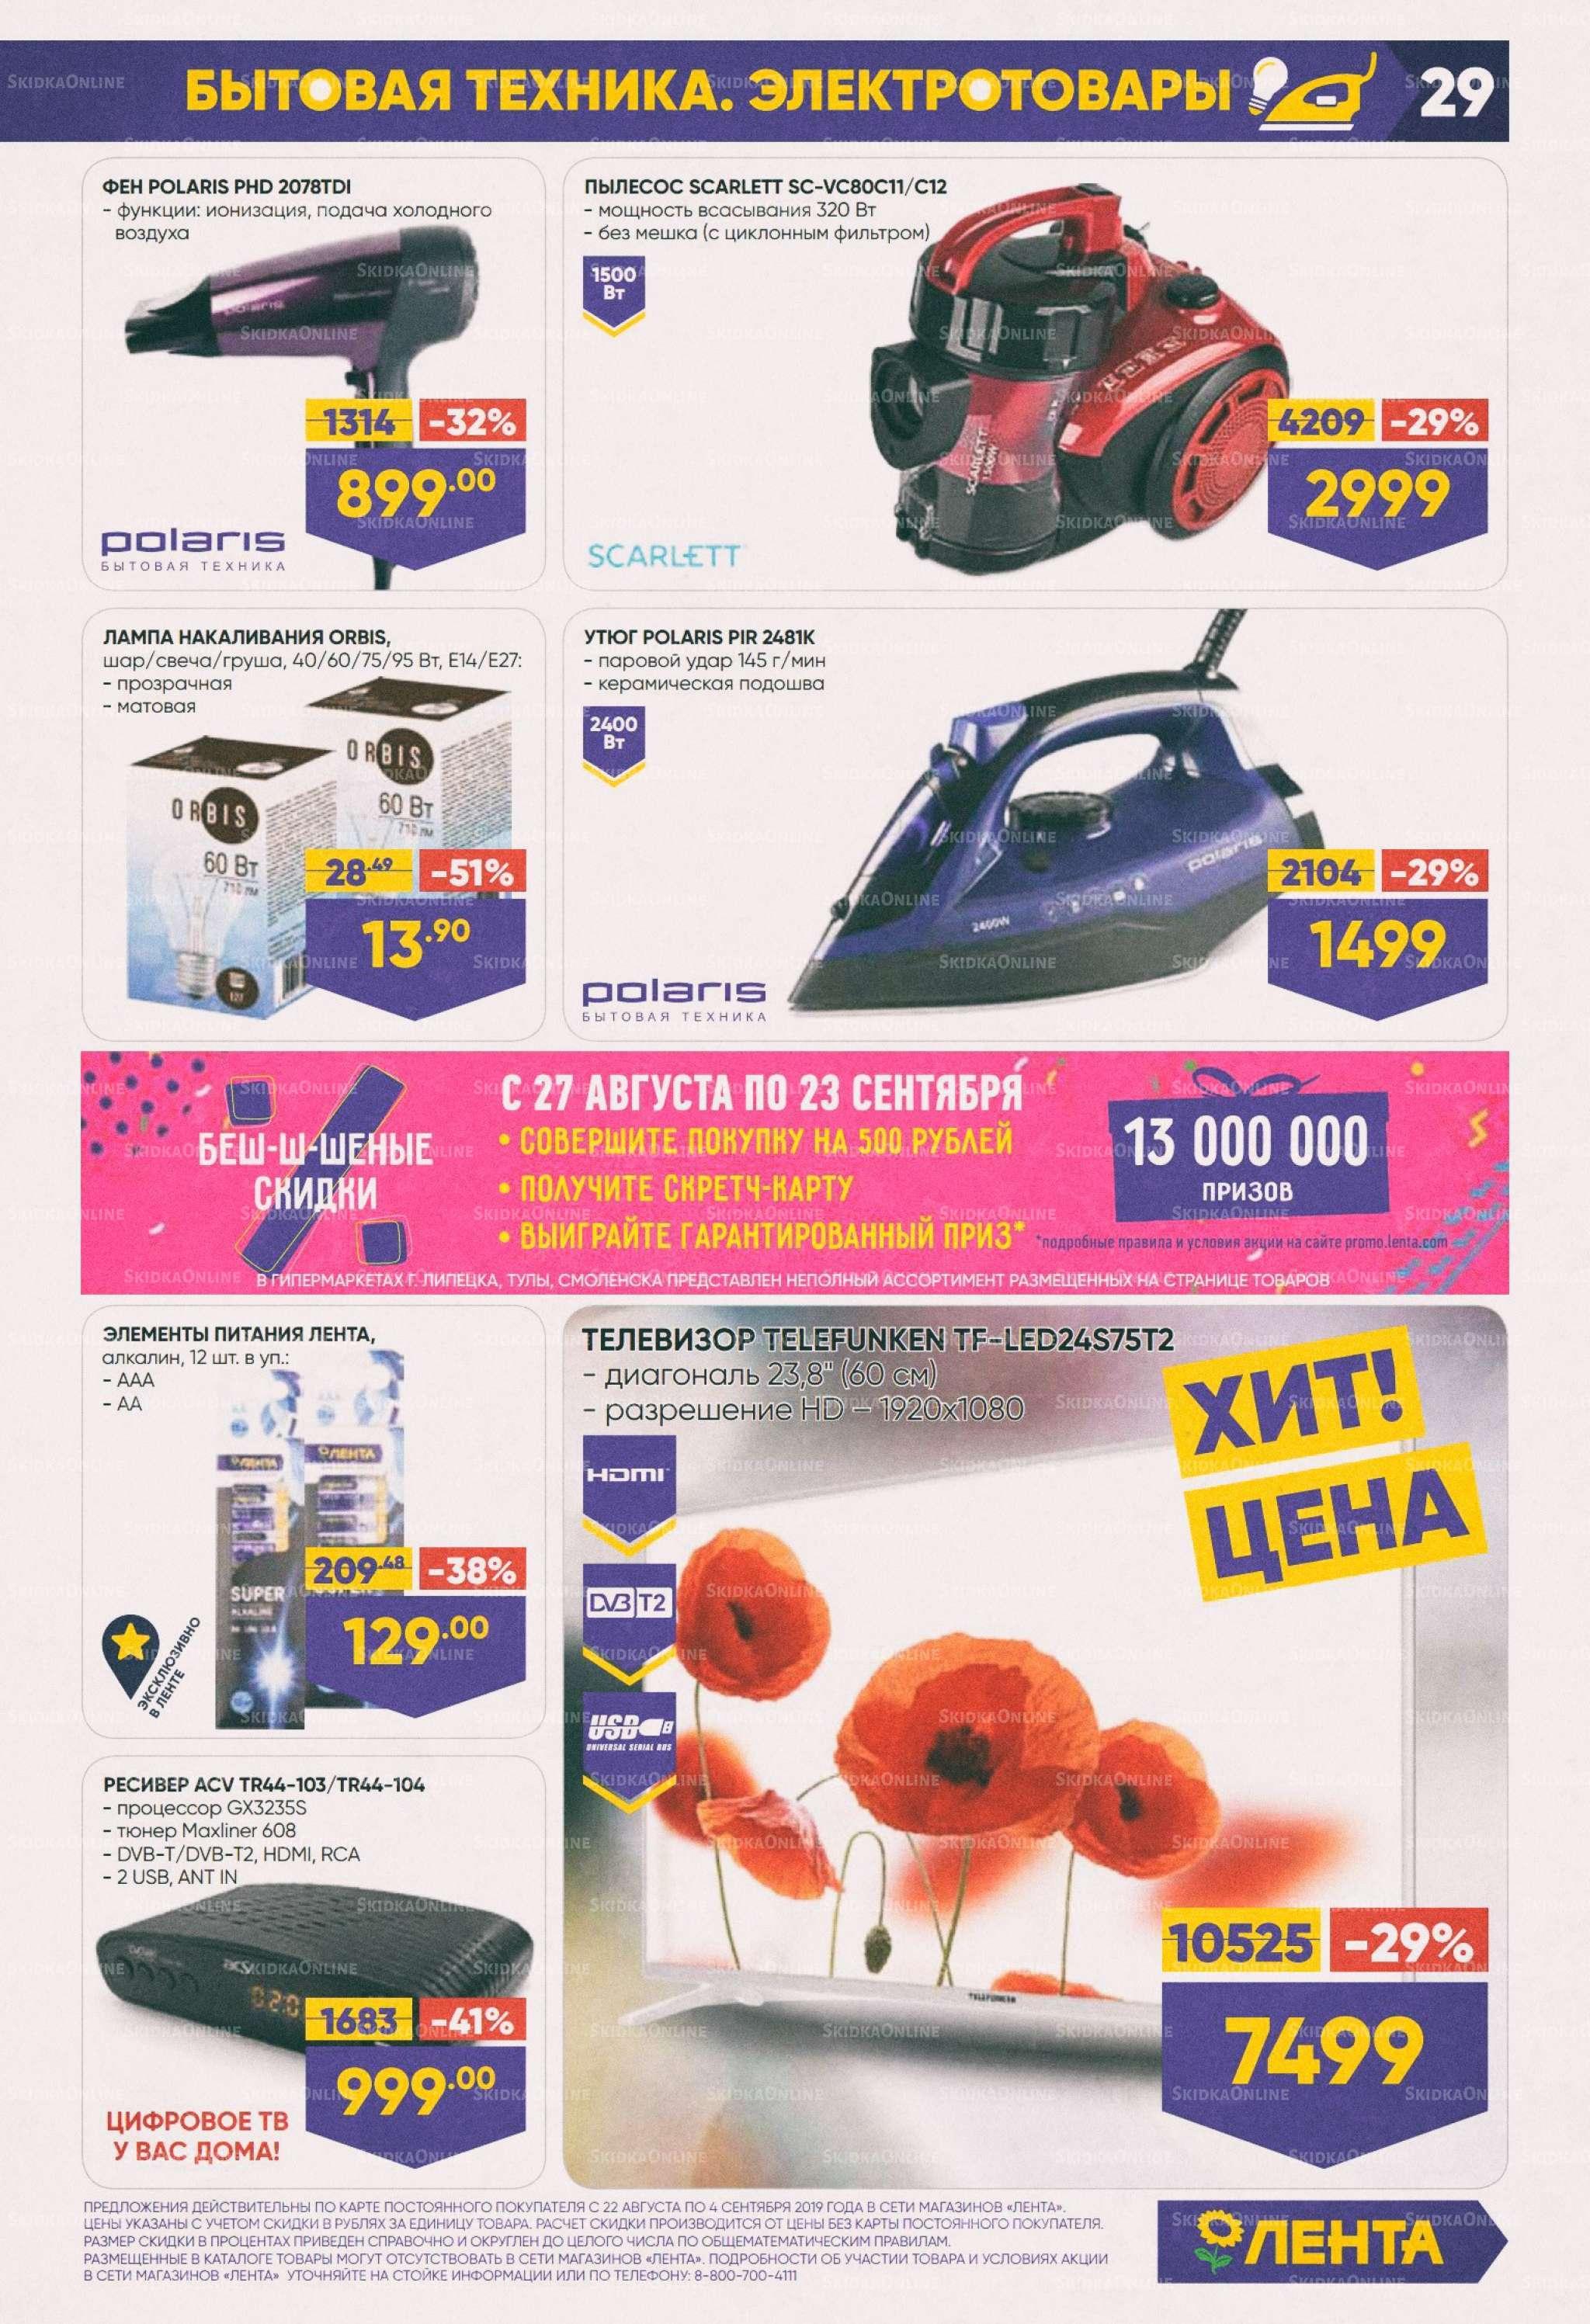 Акции в Ленте с 22 августа по 4 сентября 2019 года